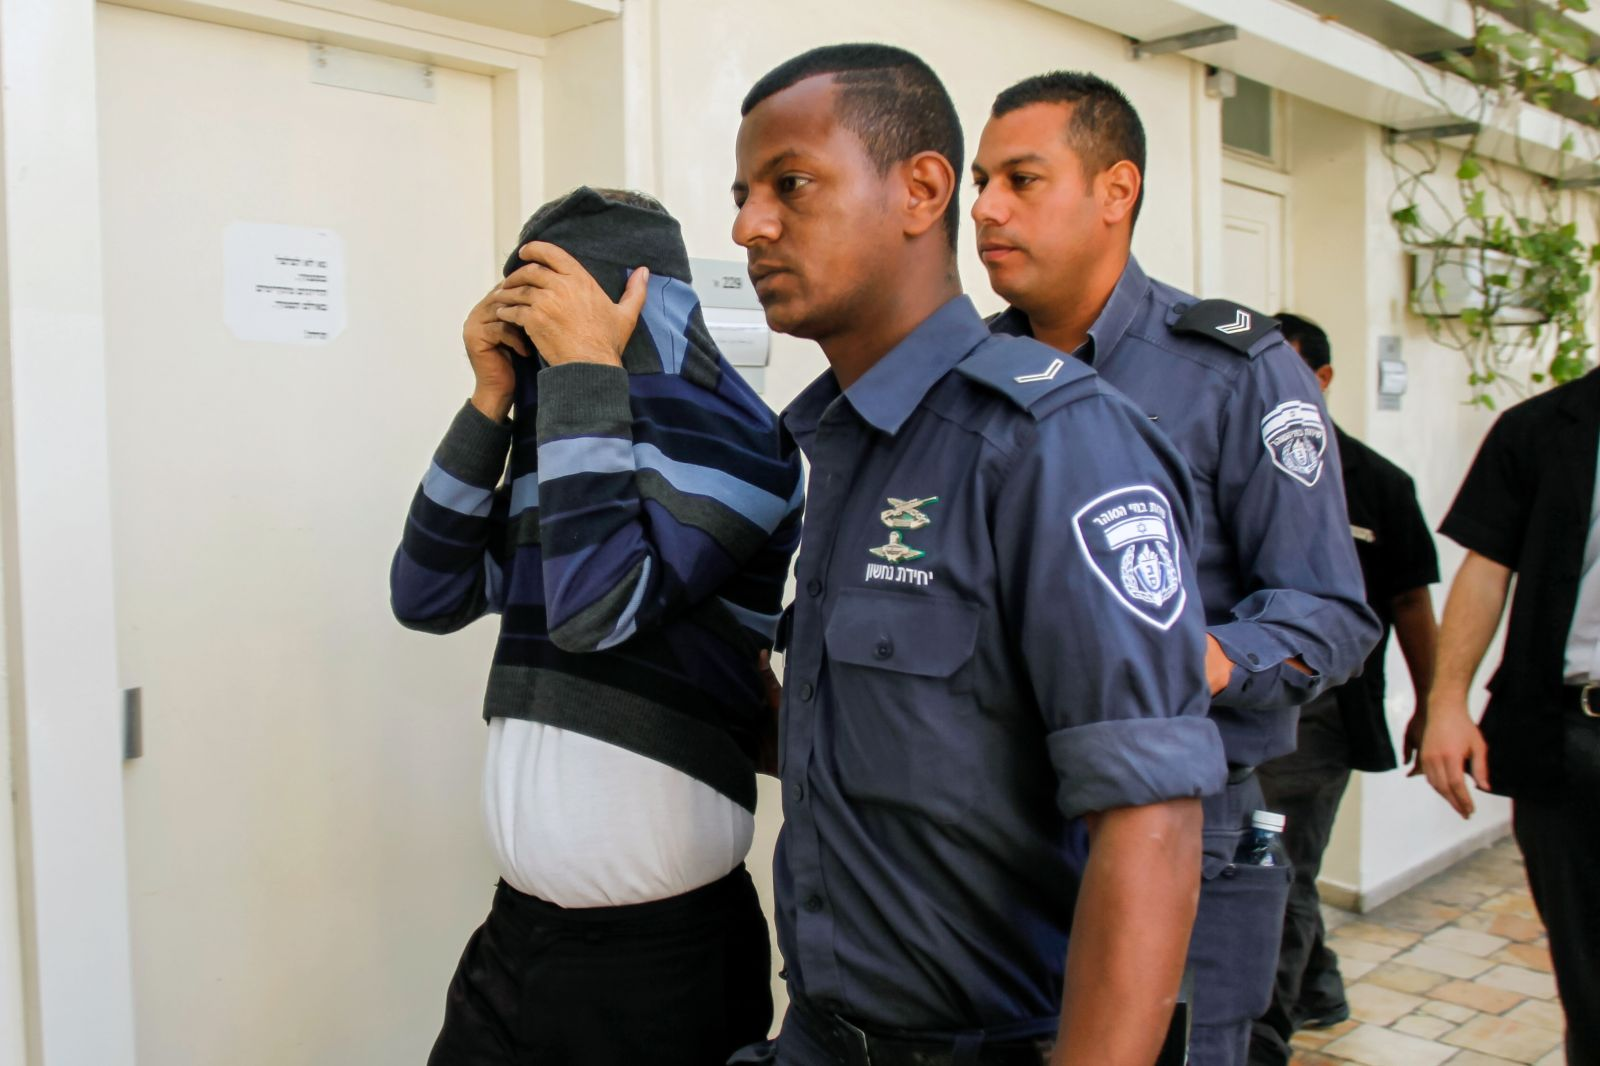 אילן שמואל, נהג ראש הממשלה לשעבר, מובא לבית-המשפט לדיון בחשדות כי ביצע עבירות מין בקטינות (צילום: פלאש 90)